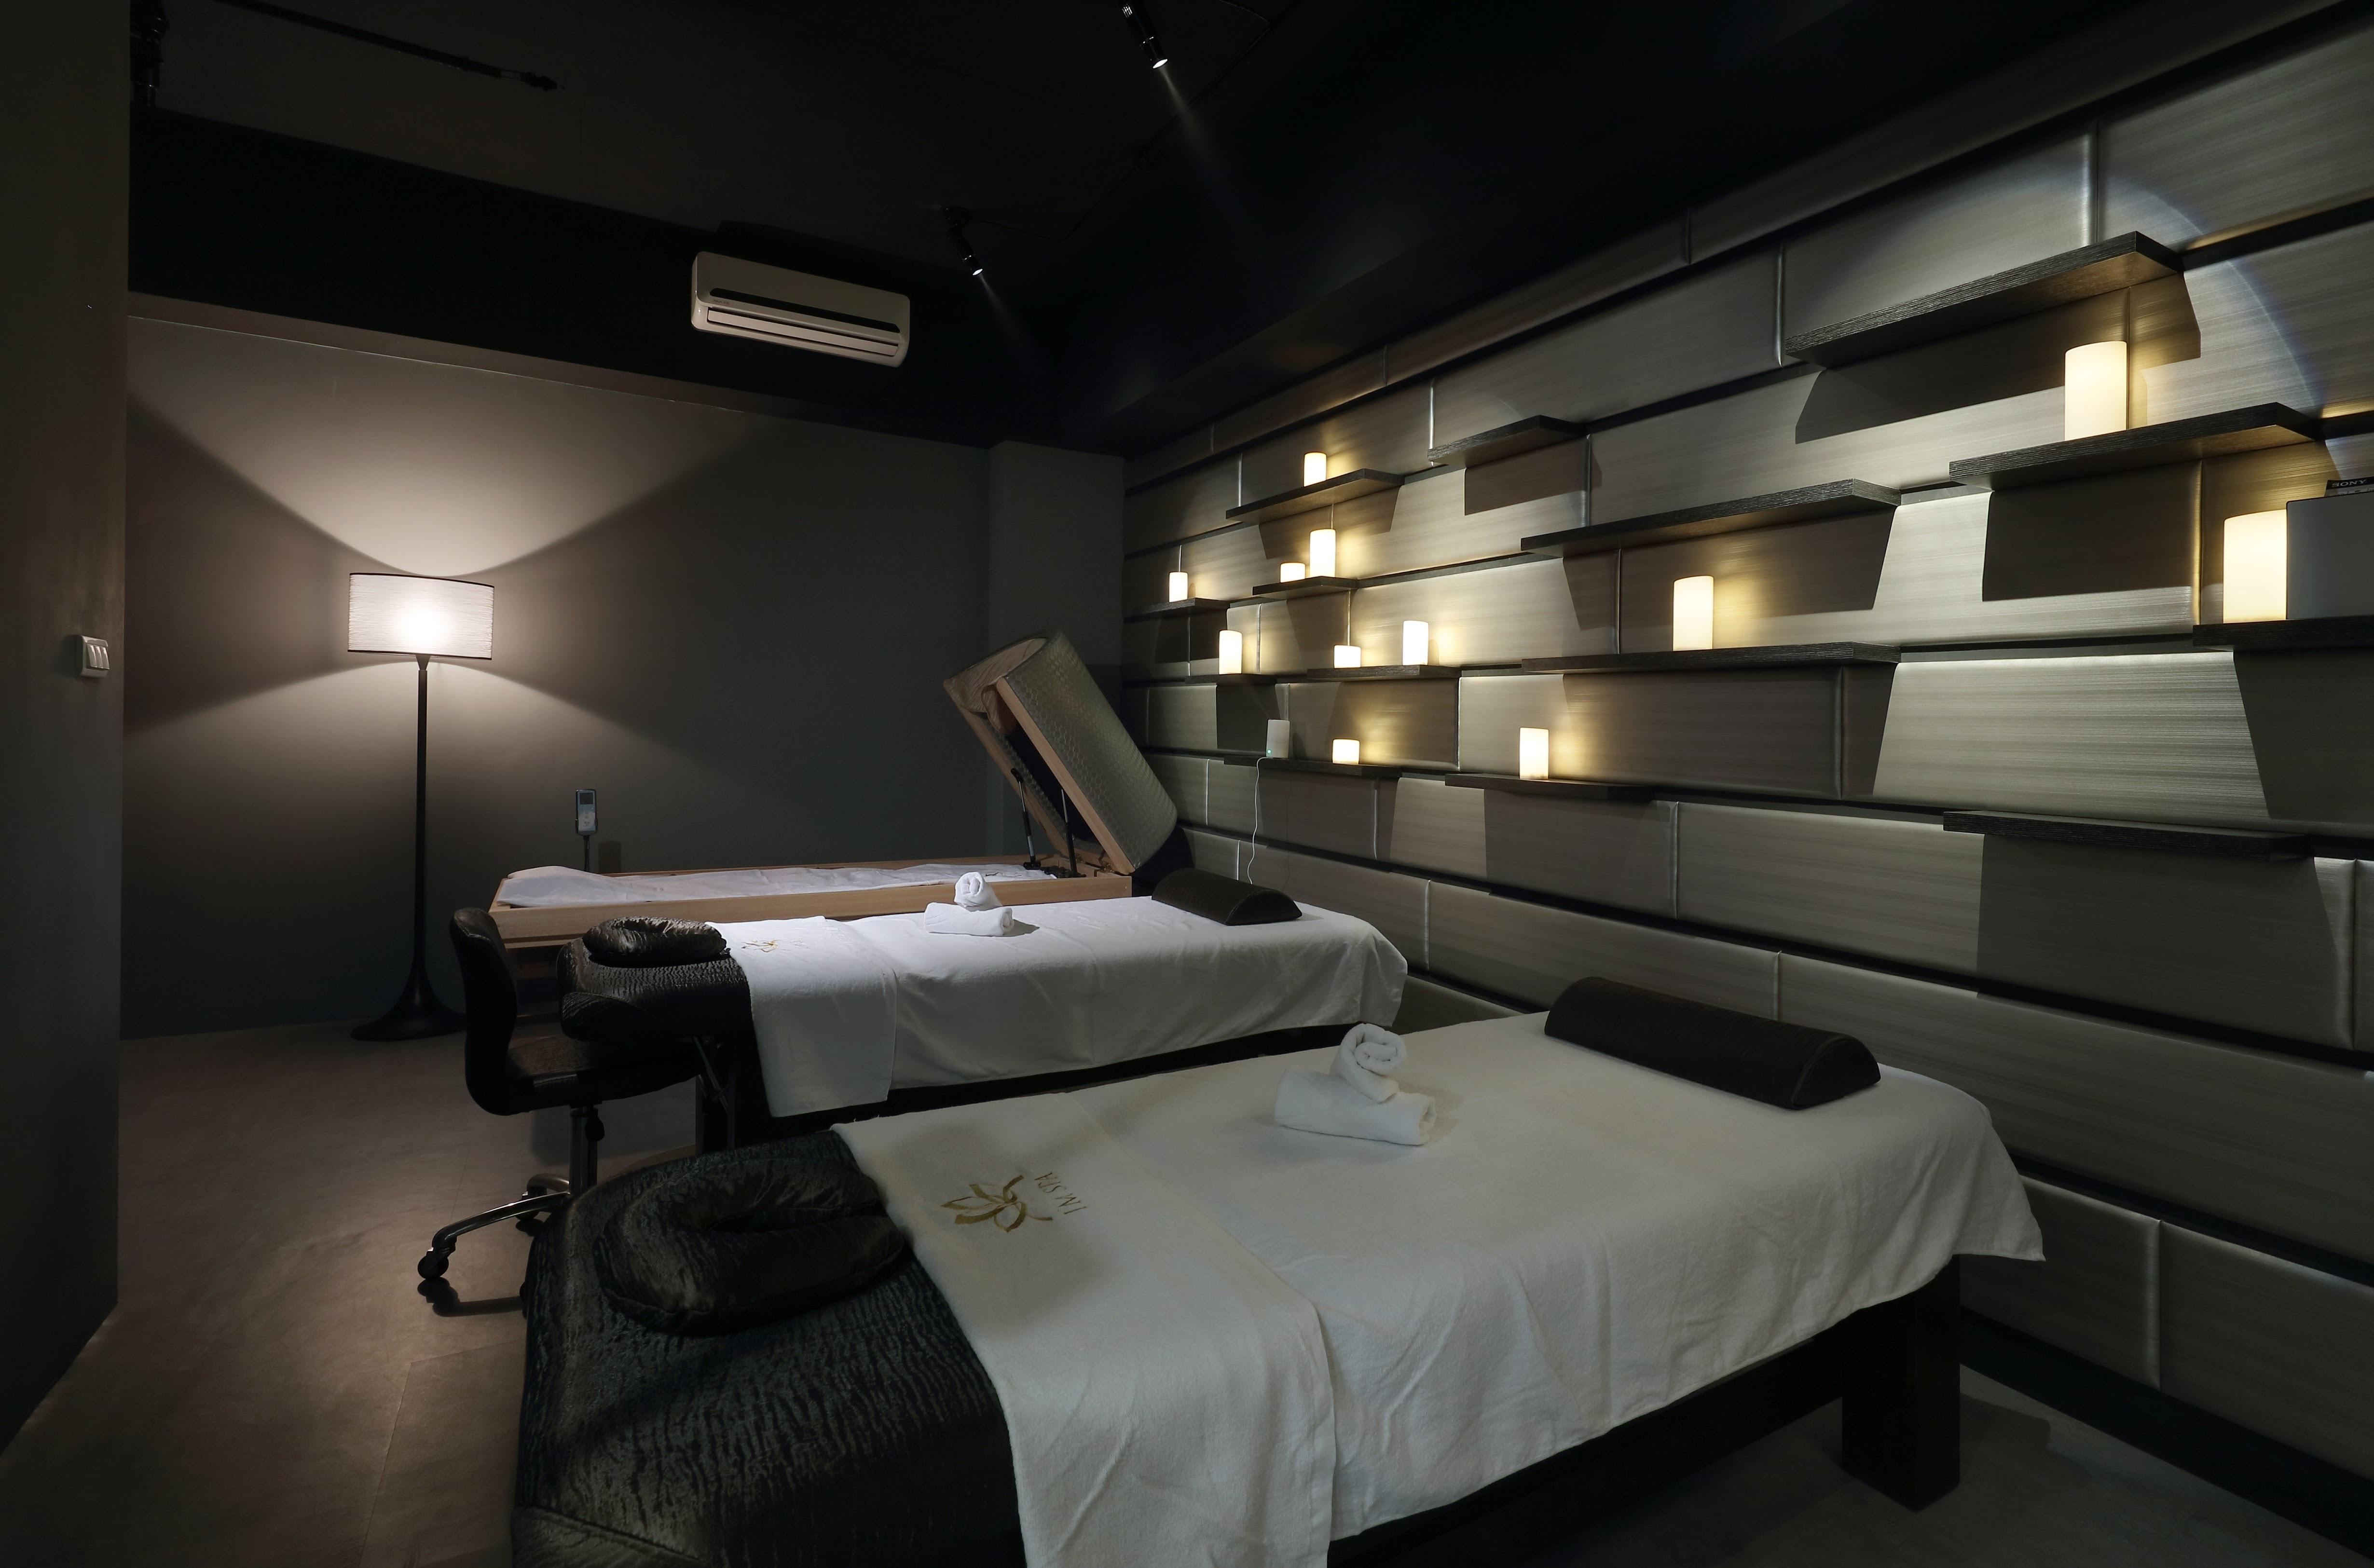 무료 이미지 천장 차량 편하게 하다 요트 실내의 거실 방 조명 인테리어 디자인 마사지